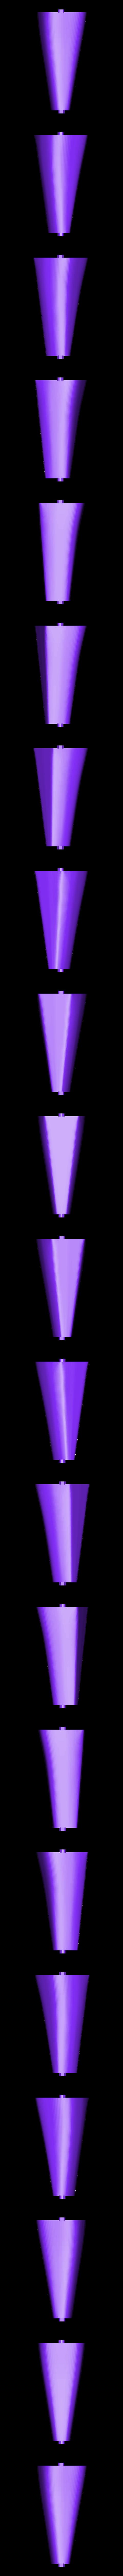 Cone.STL Download STL file Vans RV-10 • 3D print template, Eduardohbm